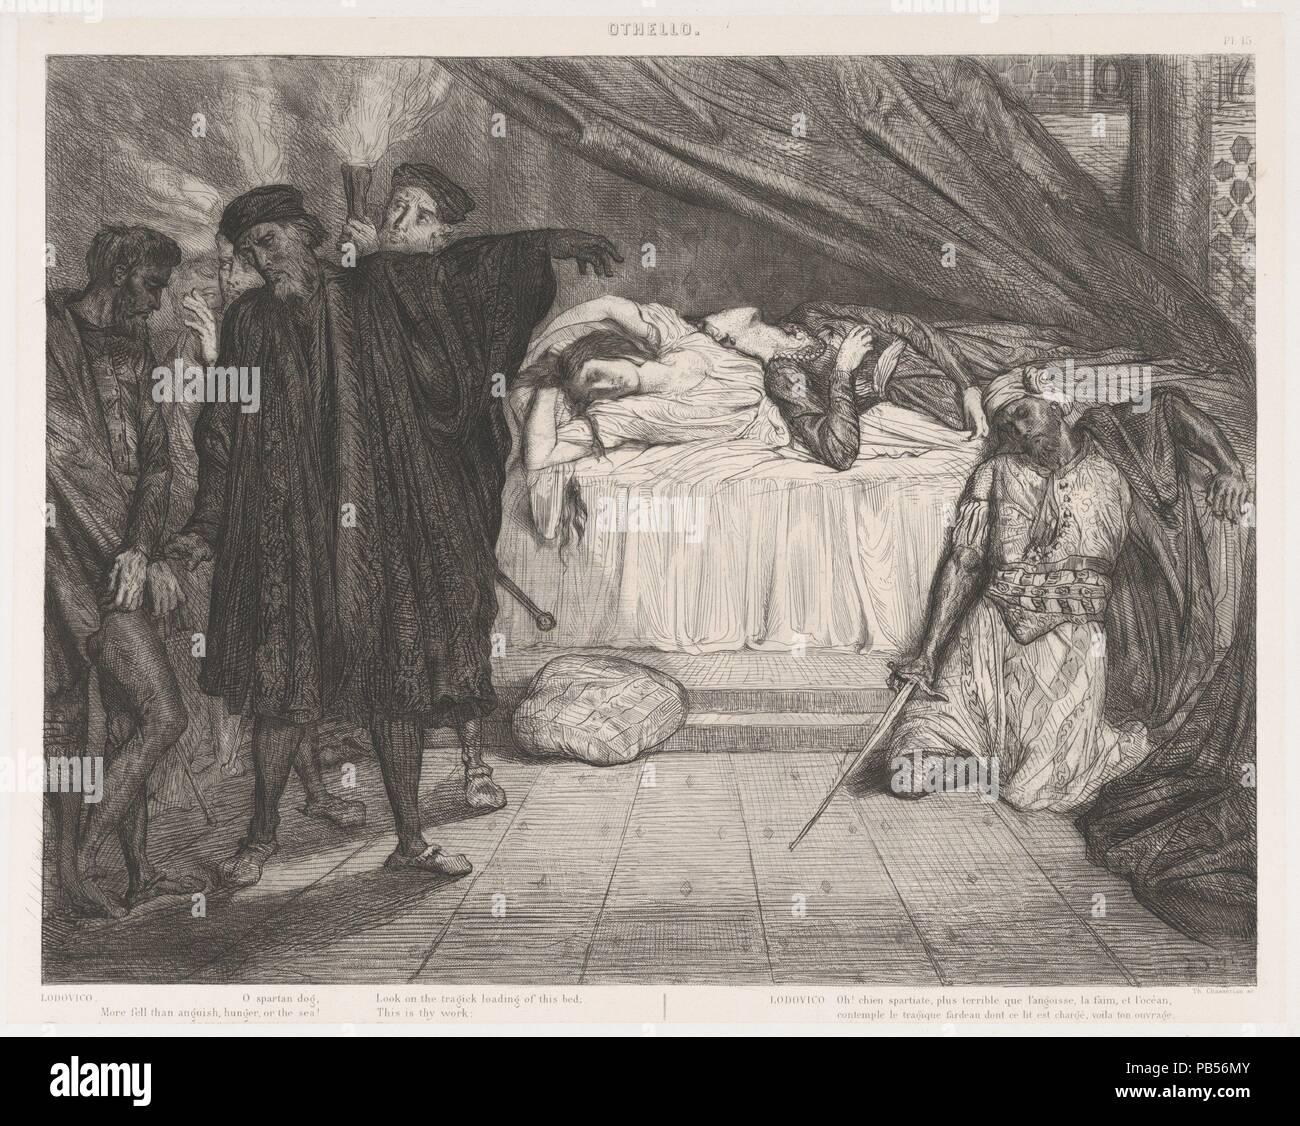 'O Spartan dog': piastra 15 da Otello (Atto 5, scena 2). Artista: Théodore Chassériau (francese, Le Limon, San-domingue, West Indies 1819-1856 Paris). Dimensioni: foglio: 25 x 19 1/4 in. (63,5 x 48,9 cm) piastra: 12 5/8 x 15 7/8 in. (32,1 x 40,4 cm) immagine: 11 5/16 x 14 5/8 in. (28,7 x 37,2 cm). Serie/Portfolio: Suite di quindici stampe: Shakespeare's Othello / Quinze Esquisses à l'eau forte dessinées et gravées par Théodore Chasseriau. Oggetto: William Shakespeare (British, Stratford-upon-Avon 1564-1616 Stratford-upon-Avon). Data: 1844. Nel 1844 Eugène Piot ha commissionato il giovane Chassériau a p Foto Stock